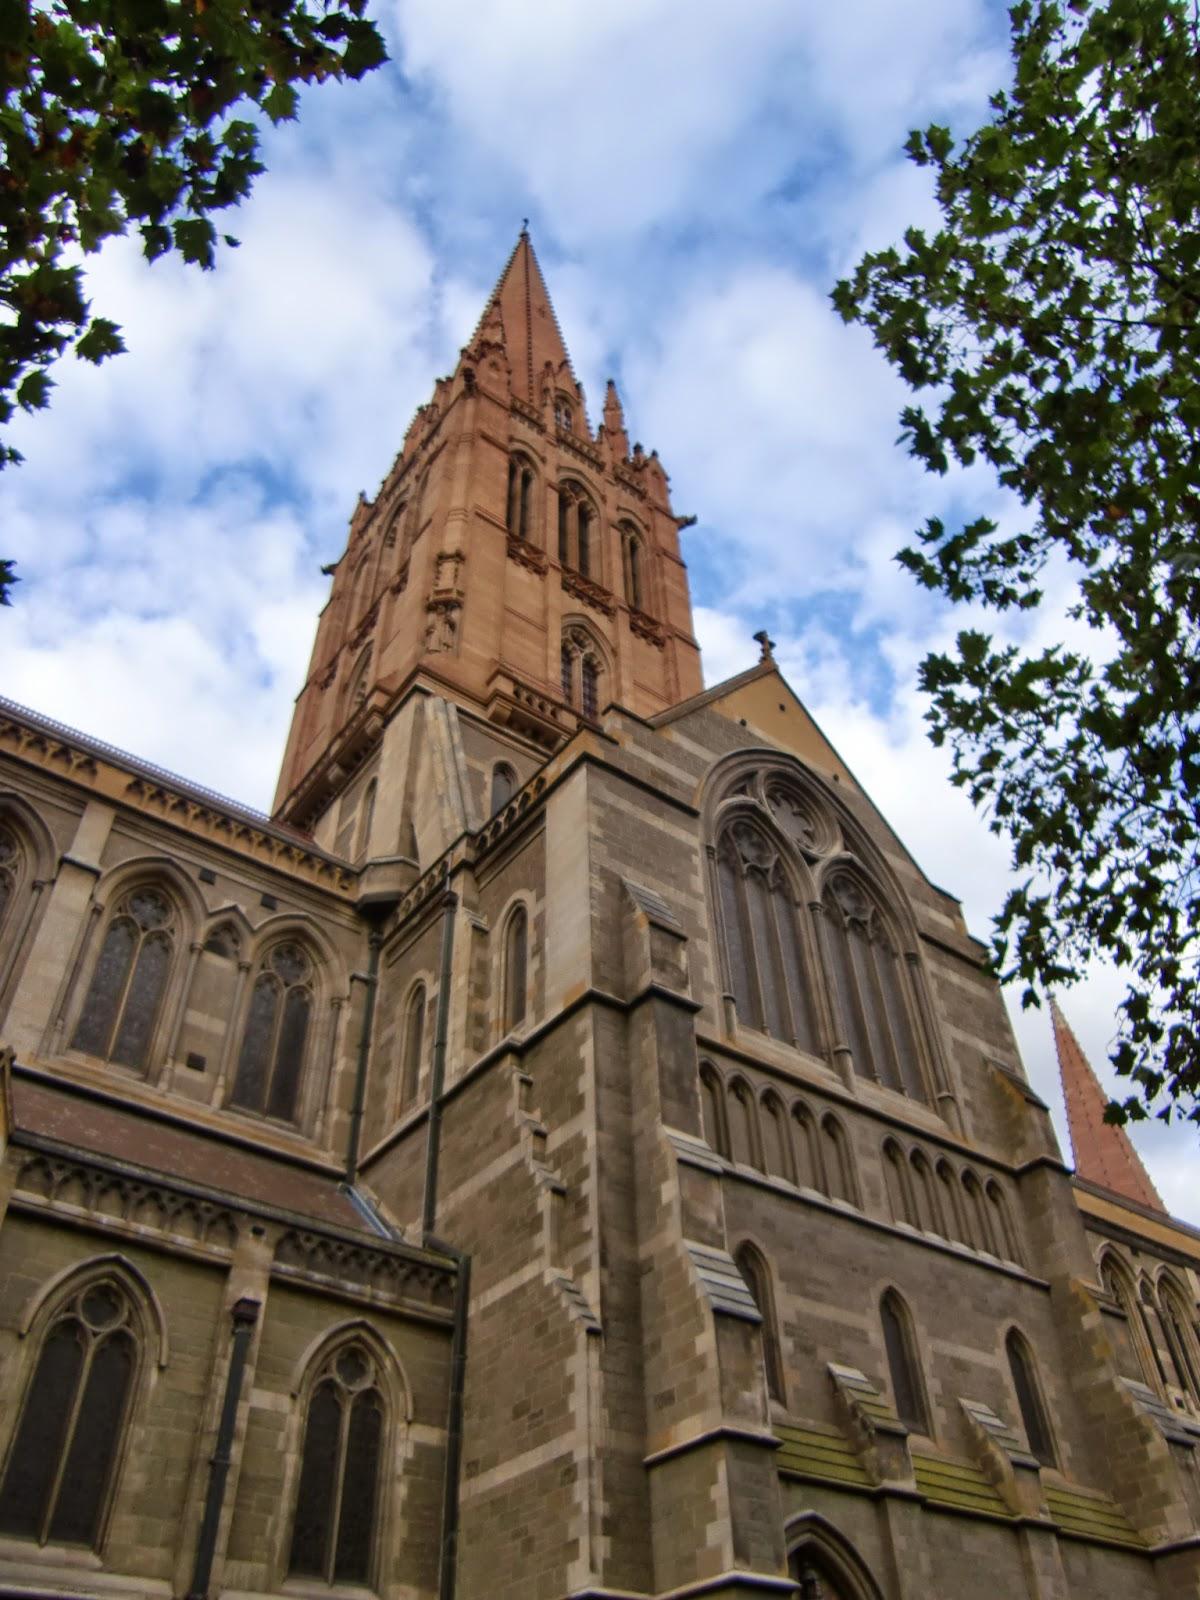 [澳洲工作假期系列] 聖保羅教堂 & 聯邦廣場 1